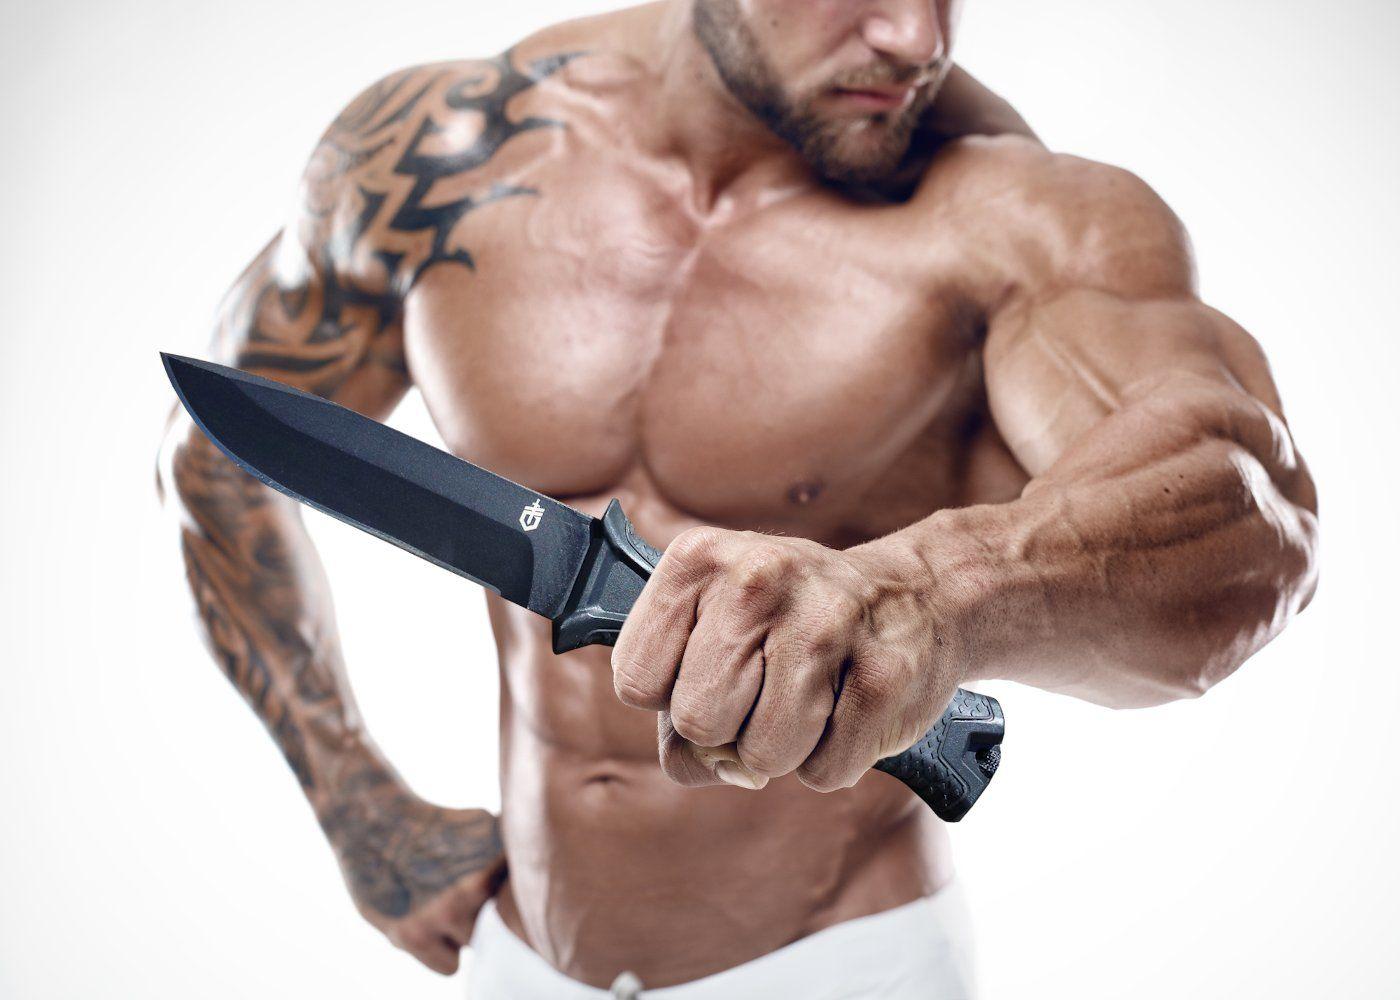 Gerber Strongarm